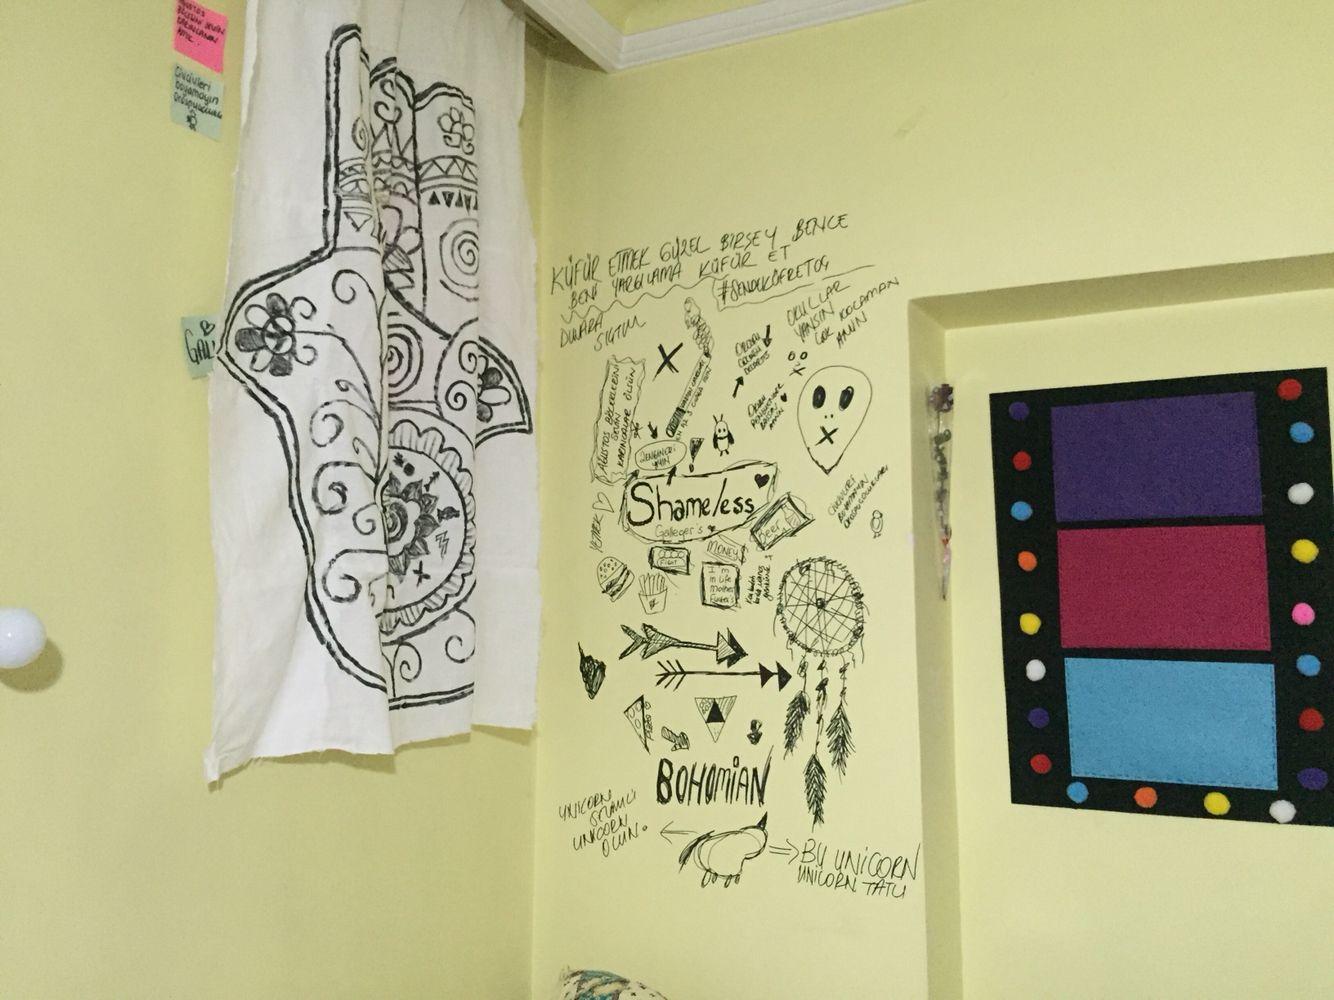 Shameless Wall Draw Art Doodle | ZEGK | Pinterest | Wall drawing